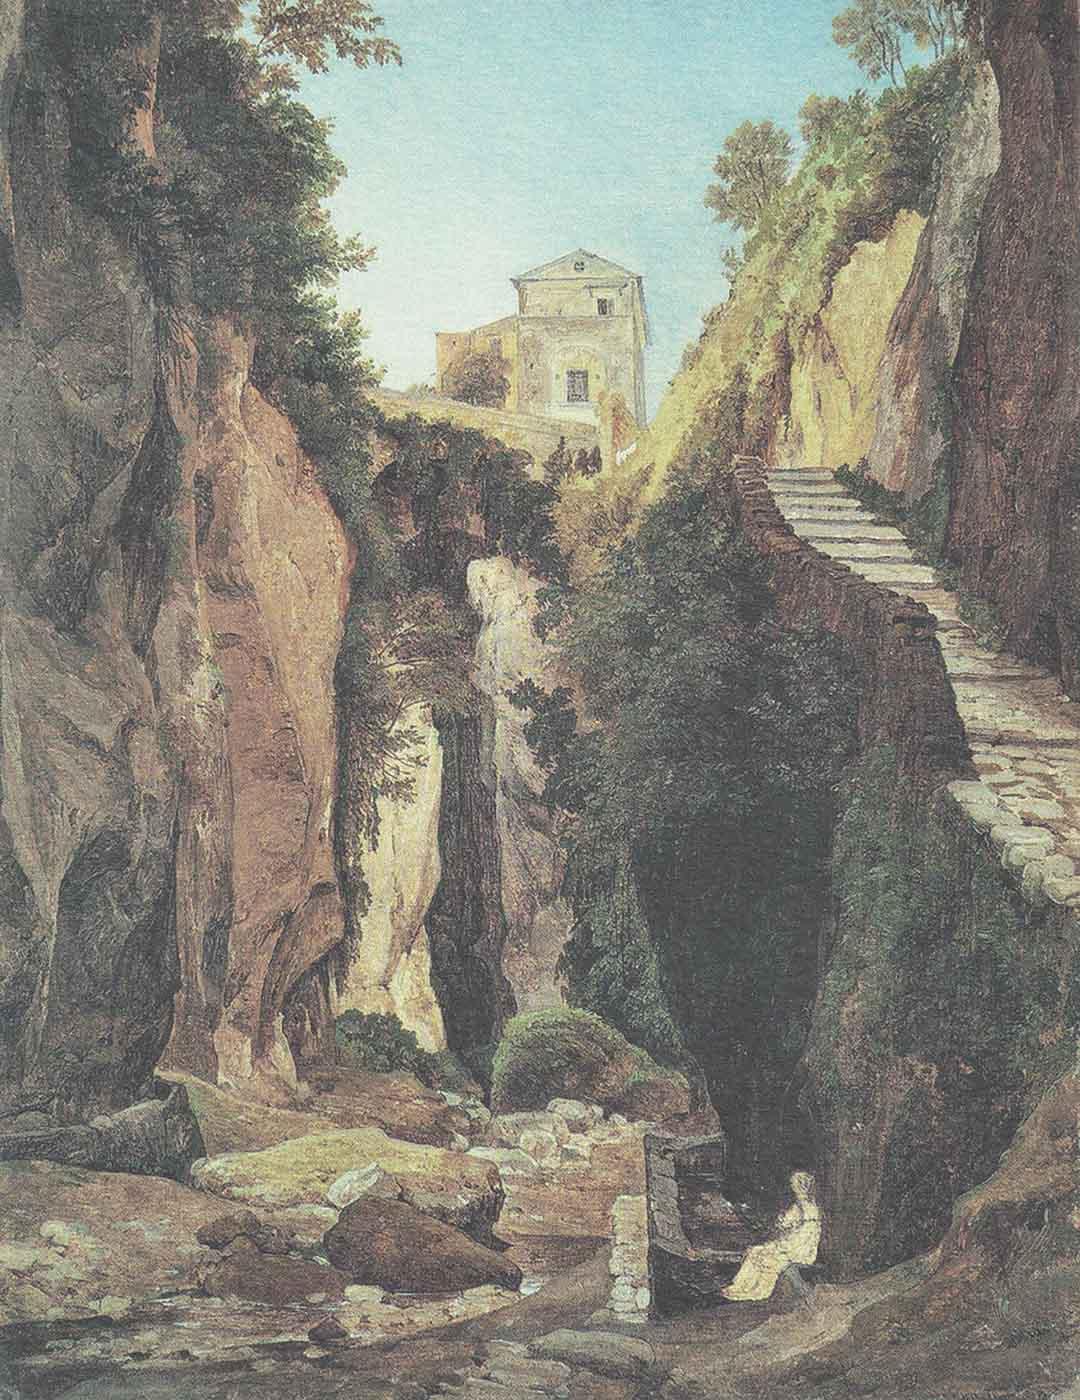 Heinrich REINHOLD (Gera 1788 – Roma 1825), Il vallone di Sorrento, 1823